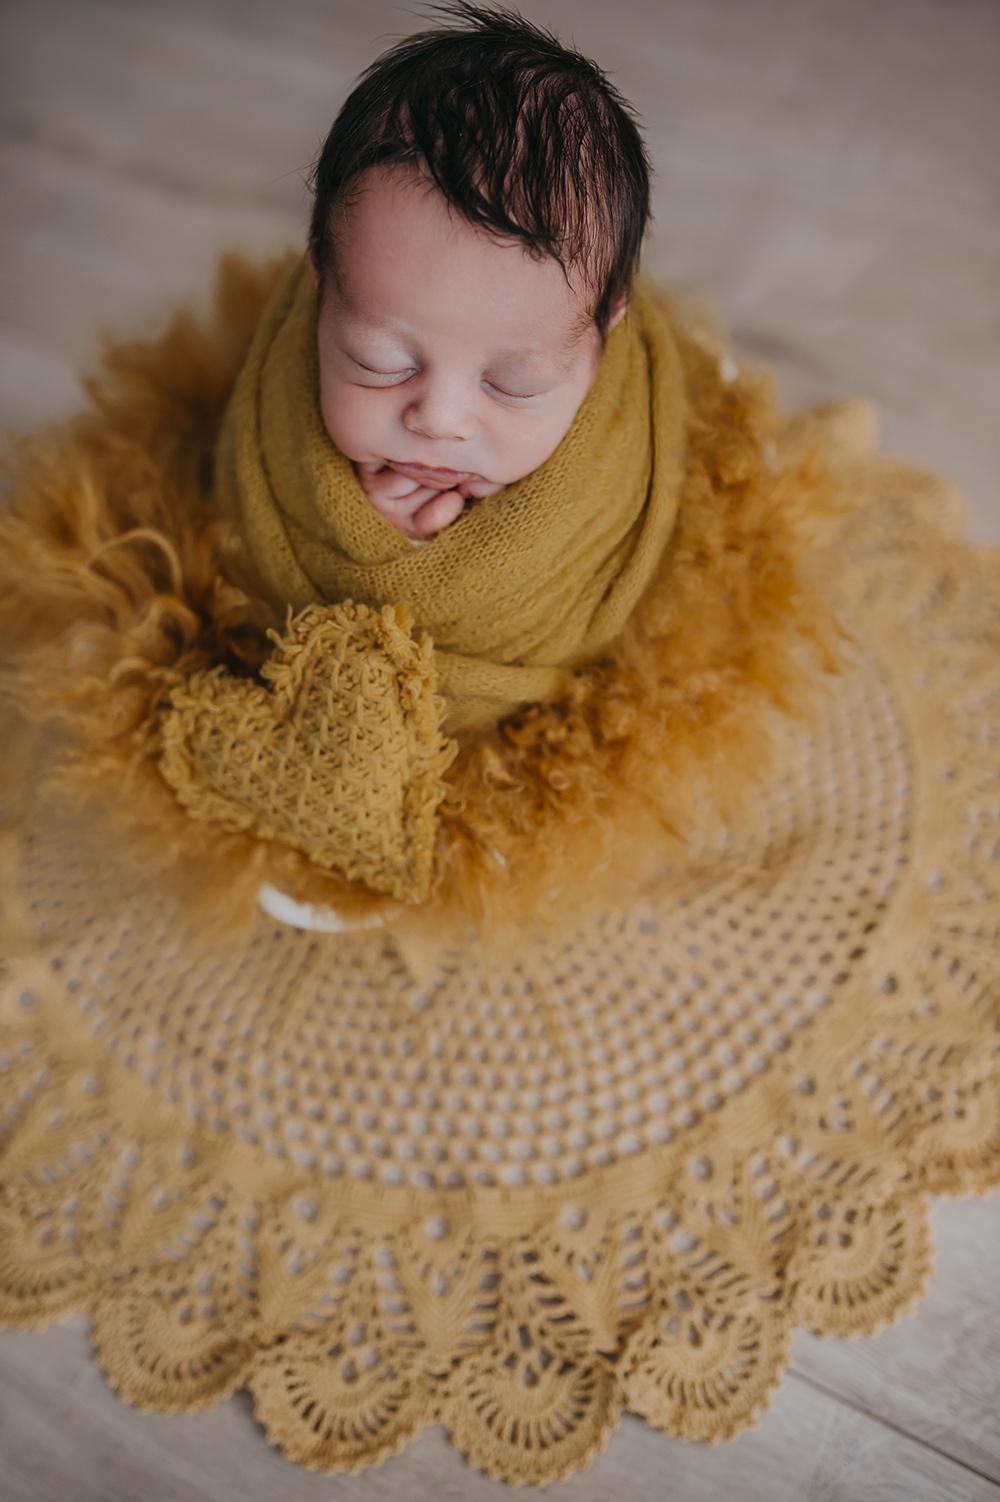 Neugeborenenfotografie-Schwangerschaftsfotografie-9month-Babyfotos-Babyshooting-Newbornfotos-Babybauchfotos-Fotografie-Katharina-Müller-www.fotografie-km.de